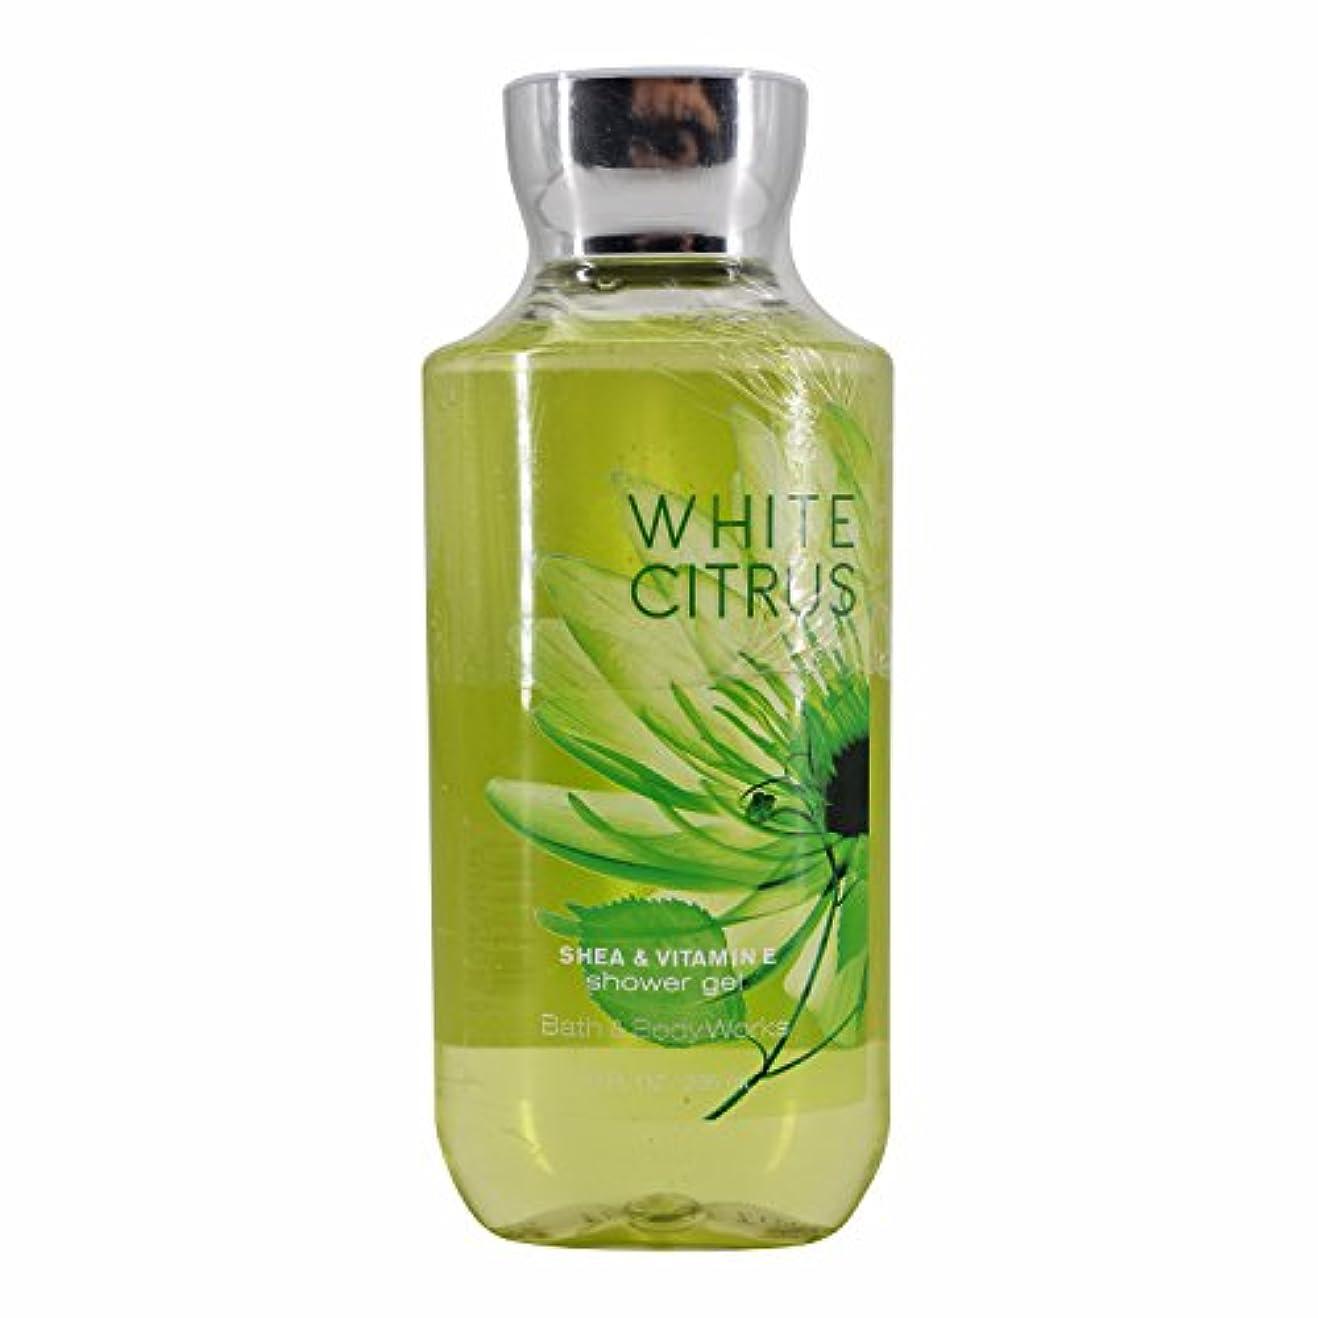 シャンパンどっちでもステップバス&ボディワークス ホワイトシトラス シャワージェル White Citrus Shea & Vitamin-E Shower Gel